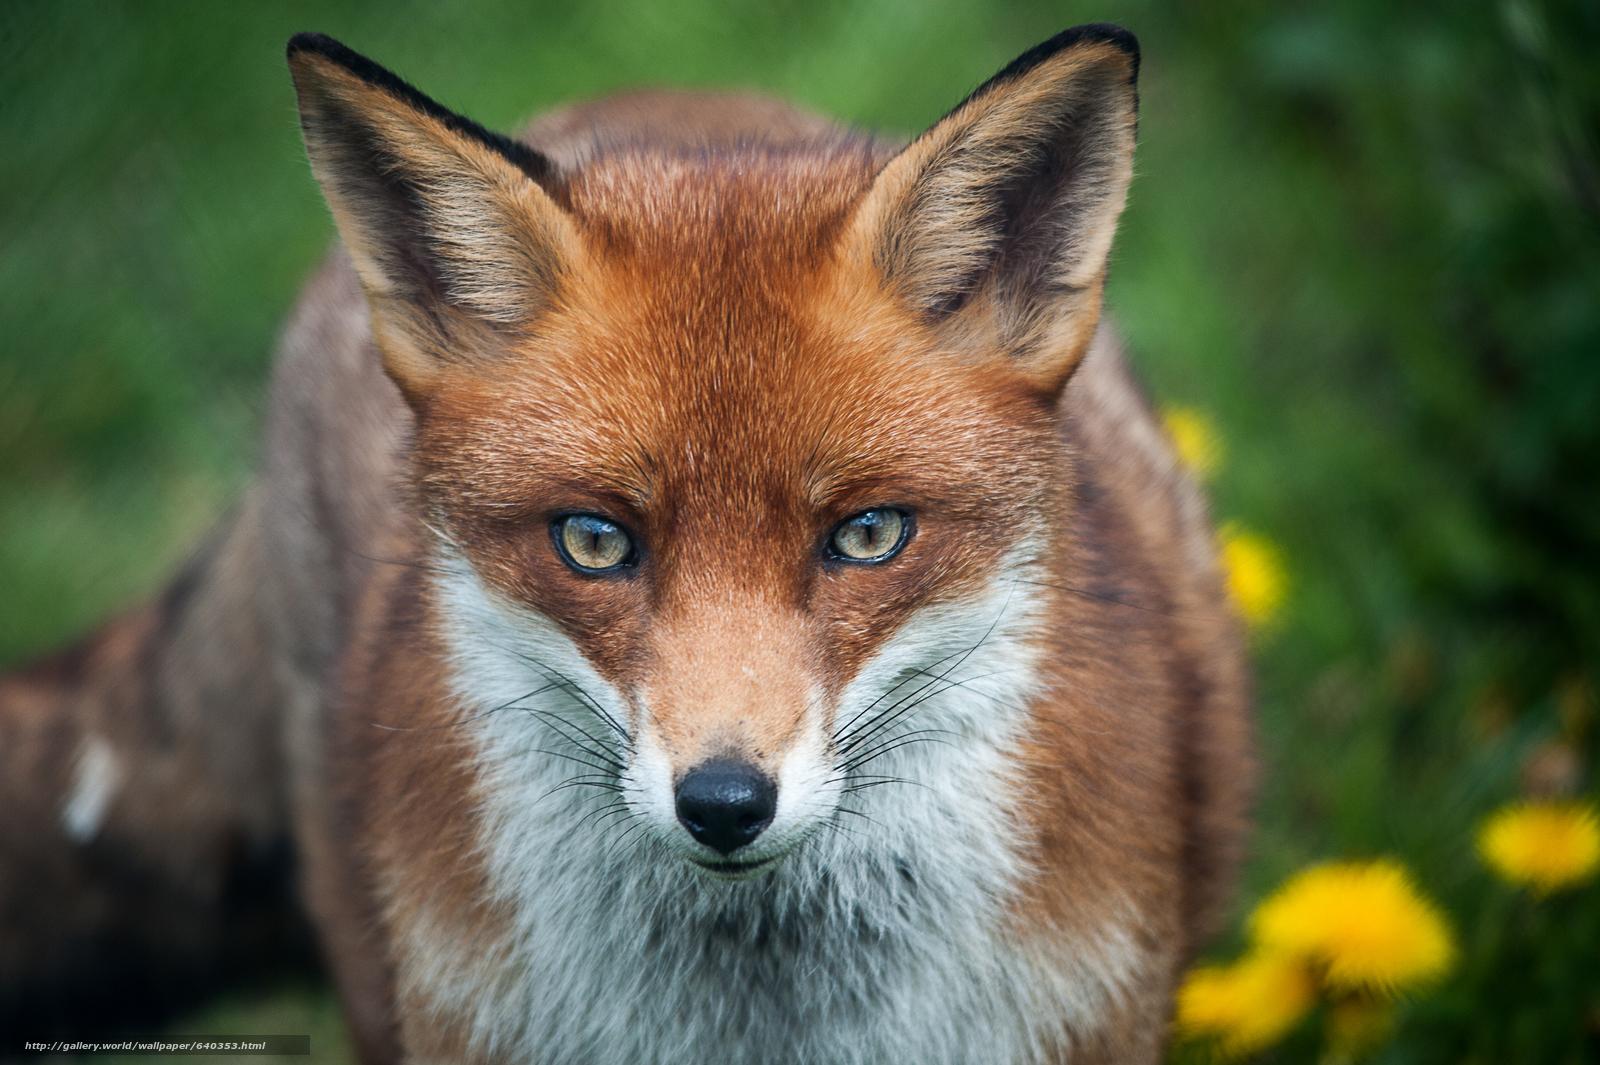 下载壁纸 狐狸,  狐狸,  动物 免费为您的桌面分辨率的壁纸 4256x2832 — 图片 №640353